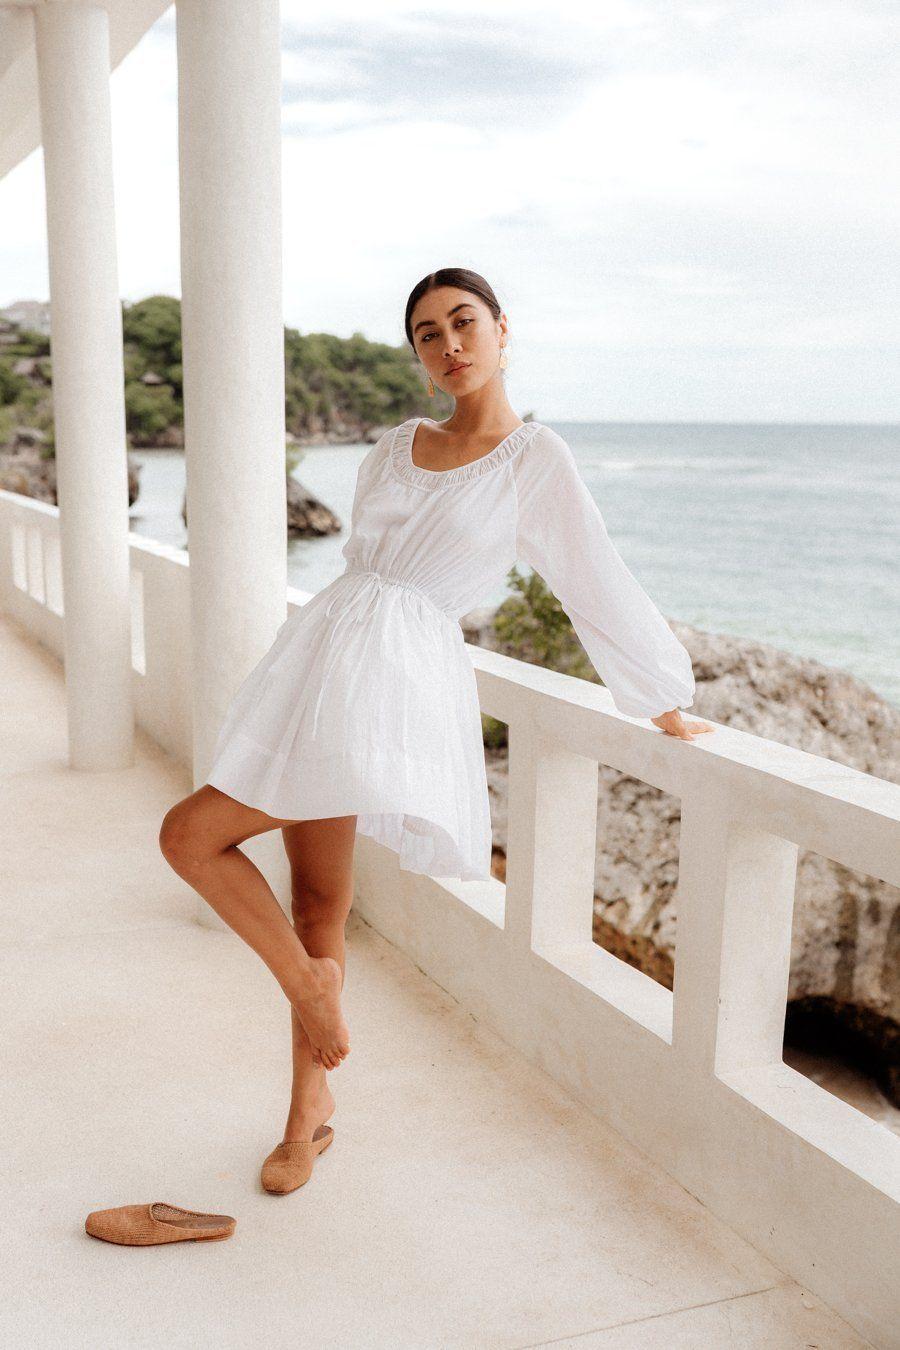 Pin By Dear Ale On My Style White Cotton Dress Dresses White Dress [ 1350 x 900 Pixel ]